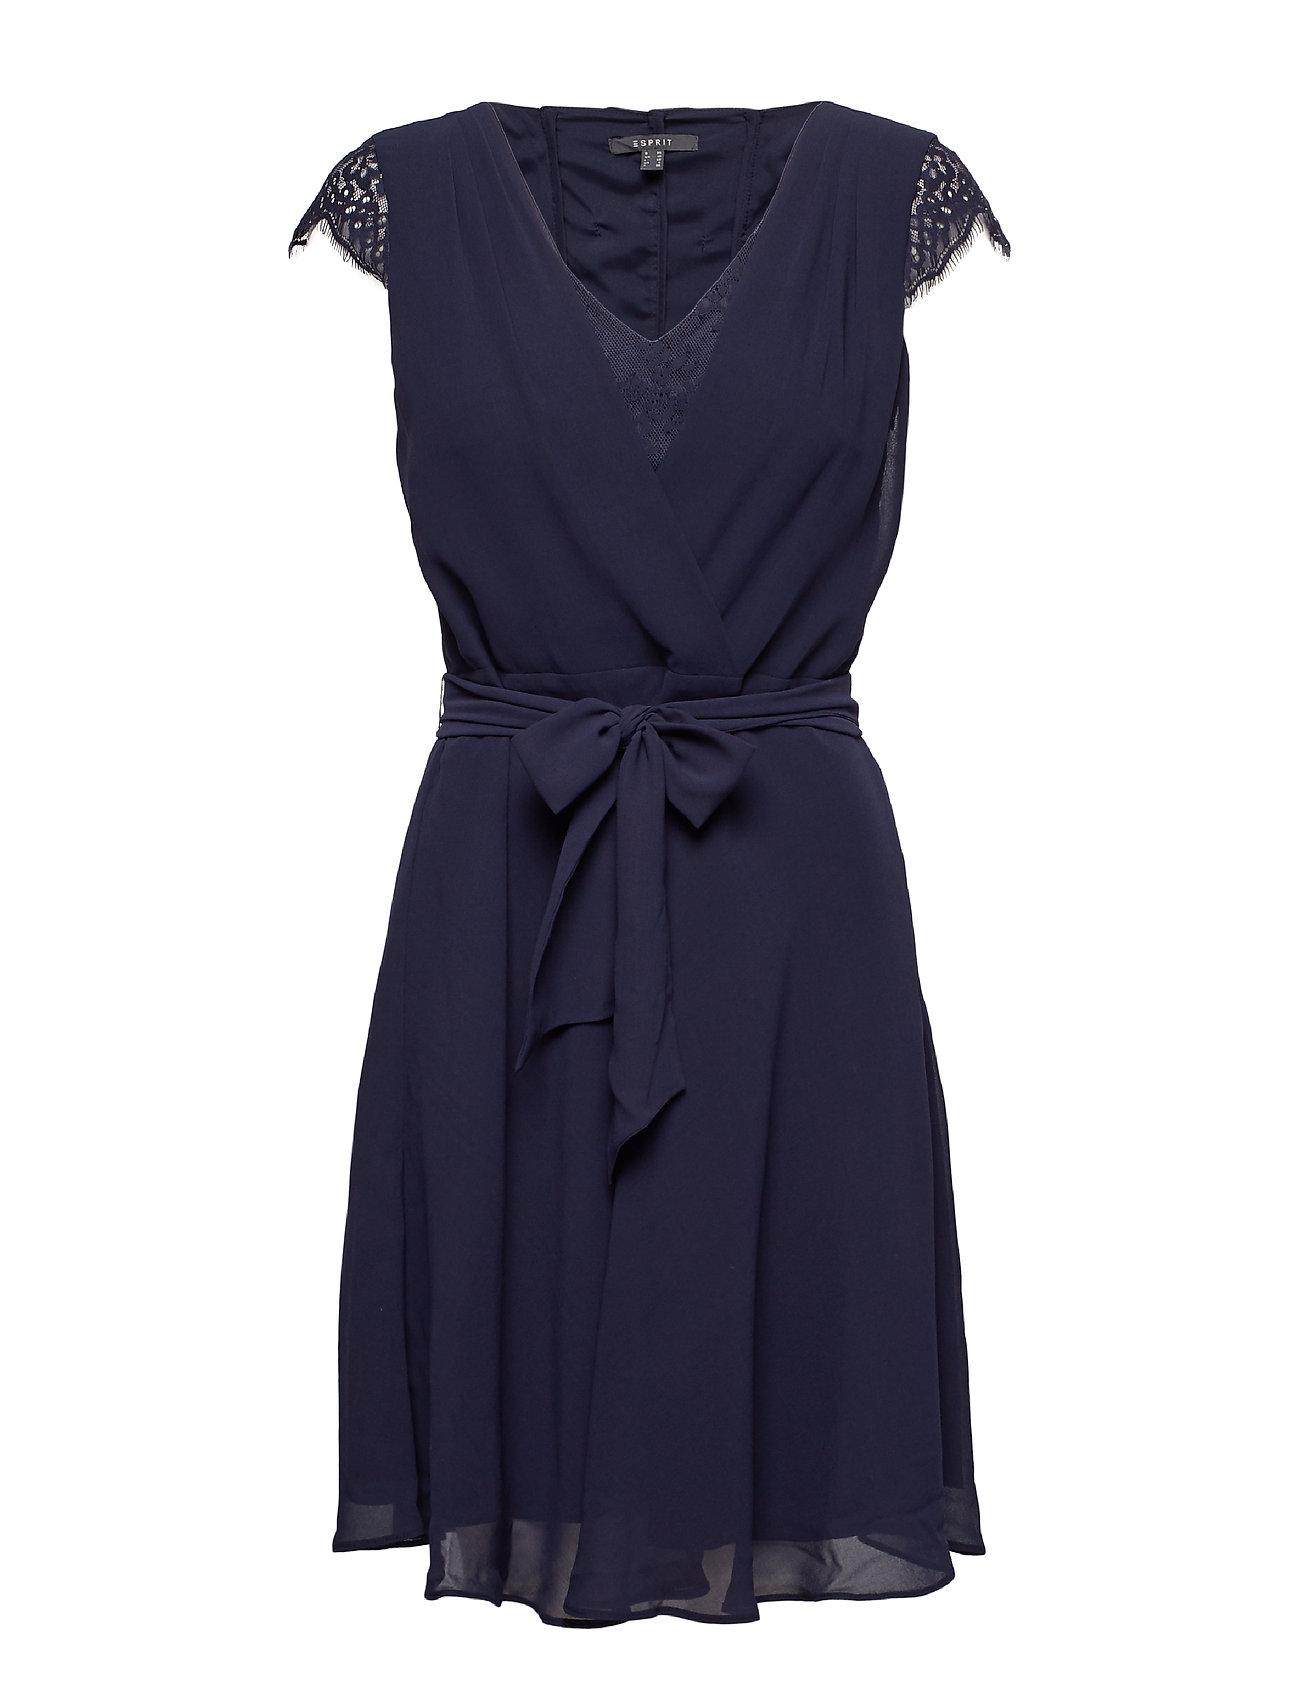 5520b2d0d1b Dresses Light Woven korte kjoler fra Esprit til dame i Blå - Pashion.dk